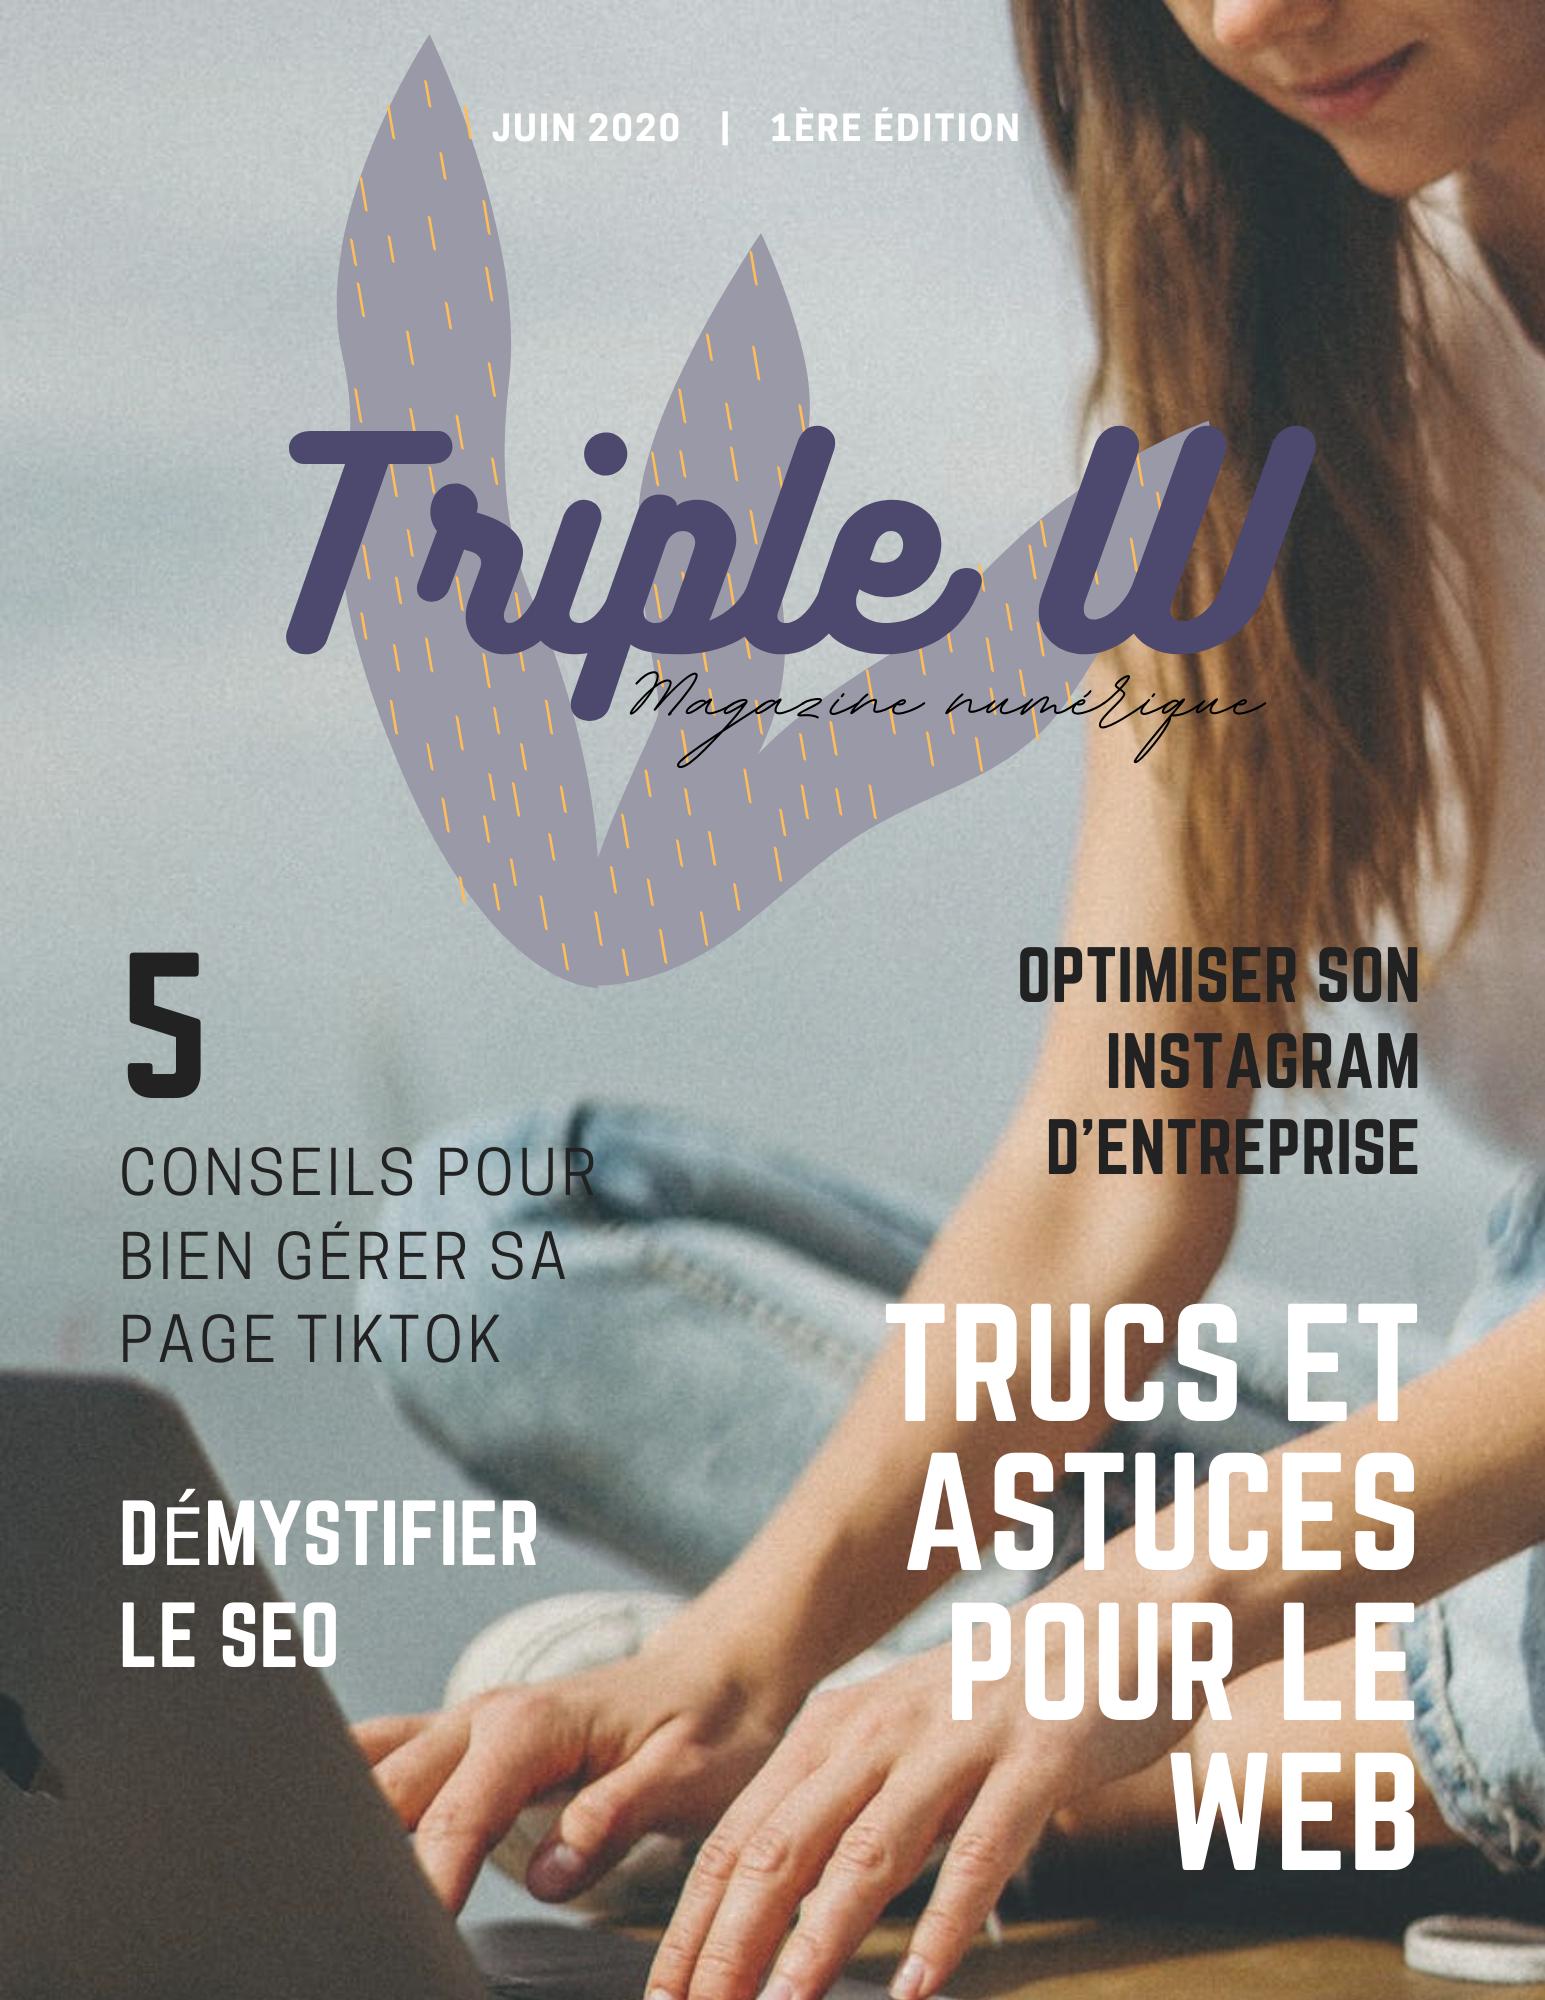 Triple W | Magazine numérique